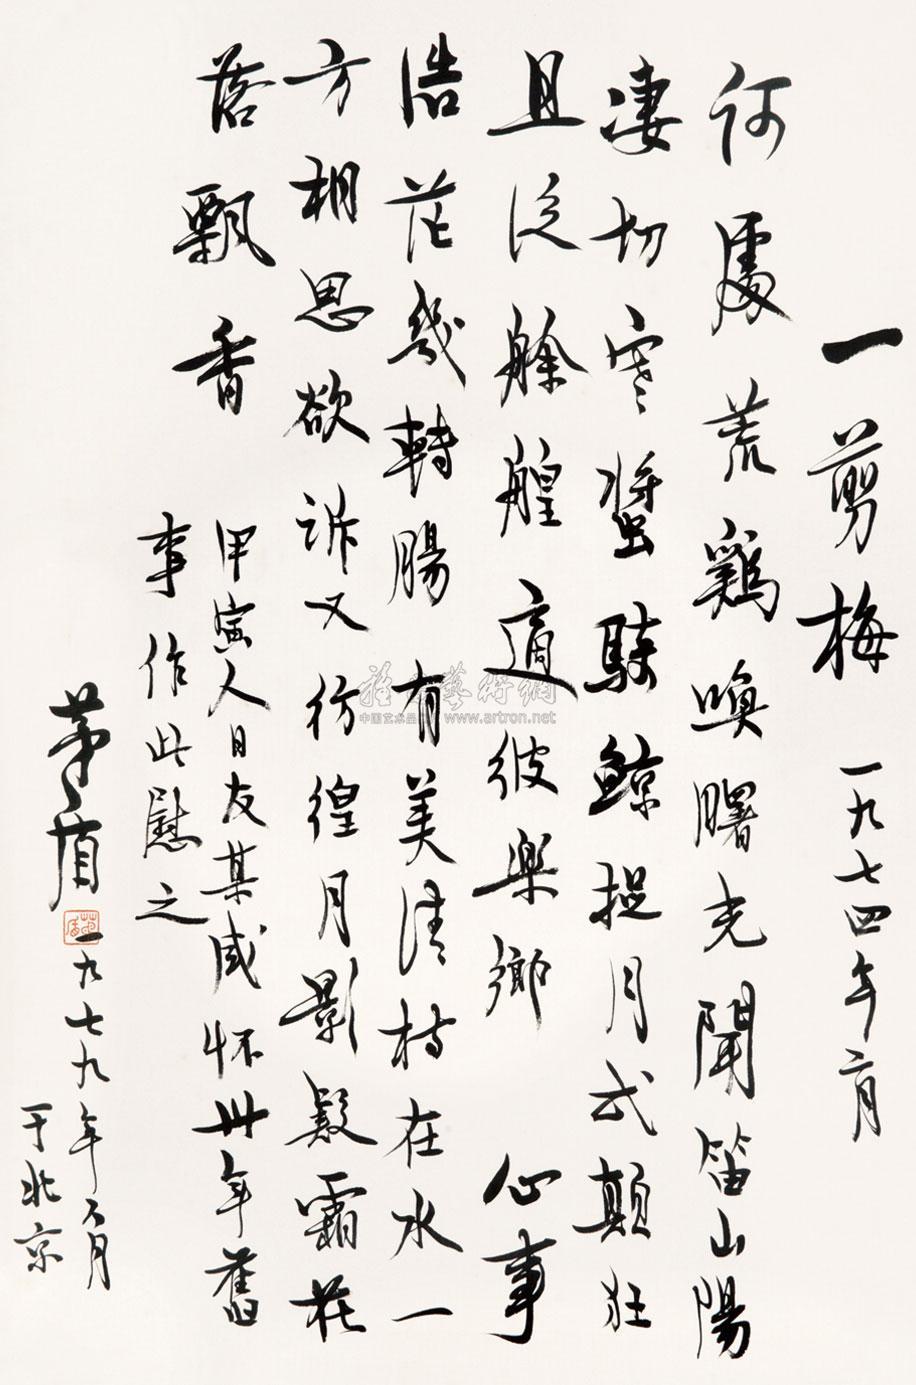 0529 甲寅(1979年)作 书法 一剪梅 立轴 水墨纸本图片